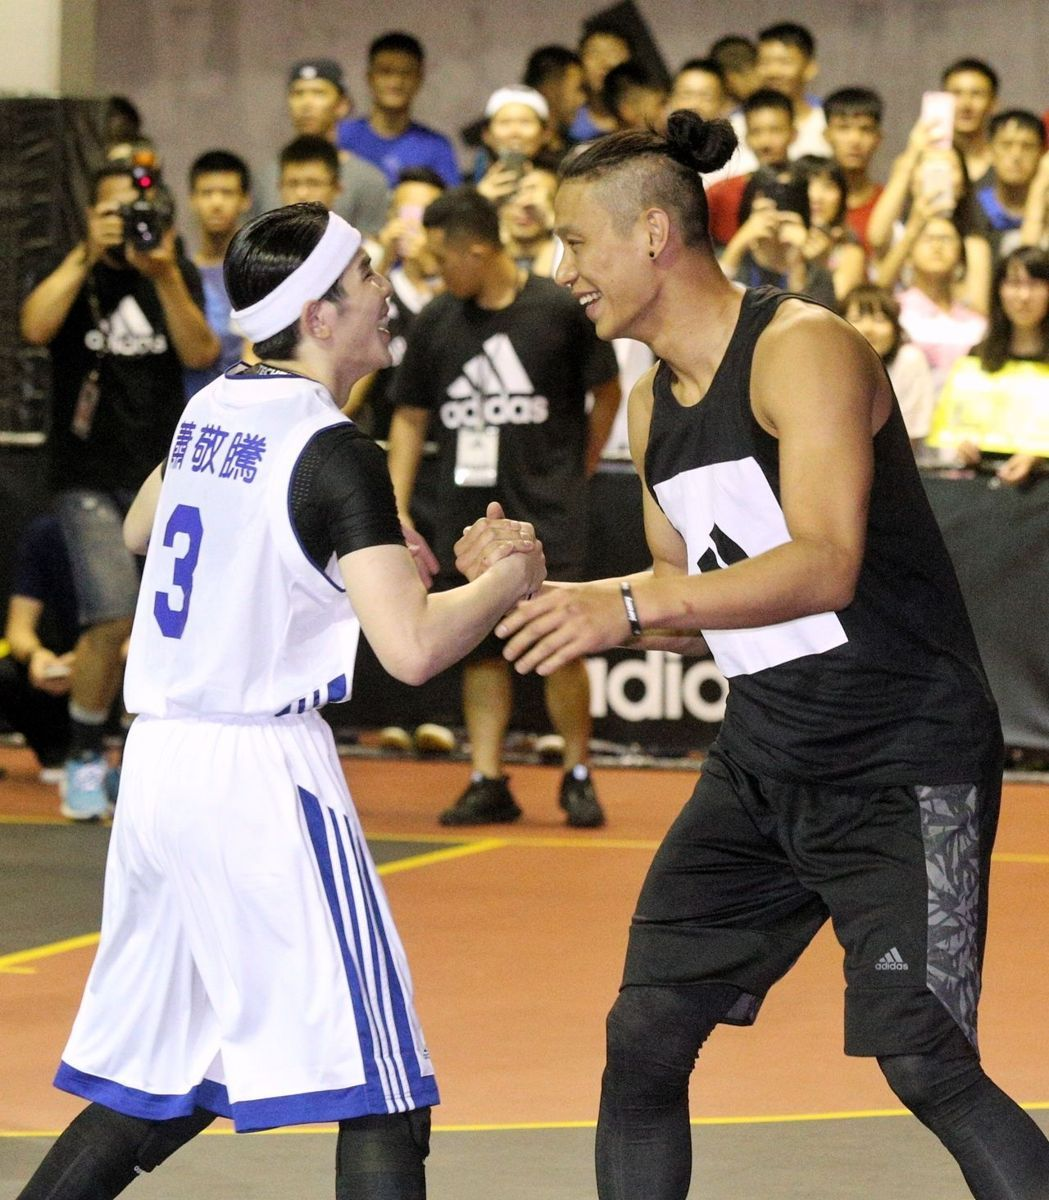 NBA球星林書豪(右)與歌壇好手蕭敬騰(左)進行籃球比賽,同場對決球技。(記者林伯東/攝影)